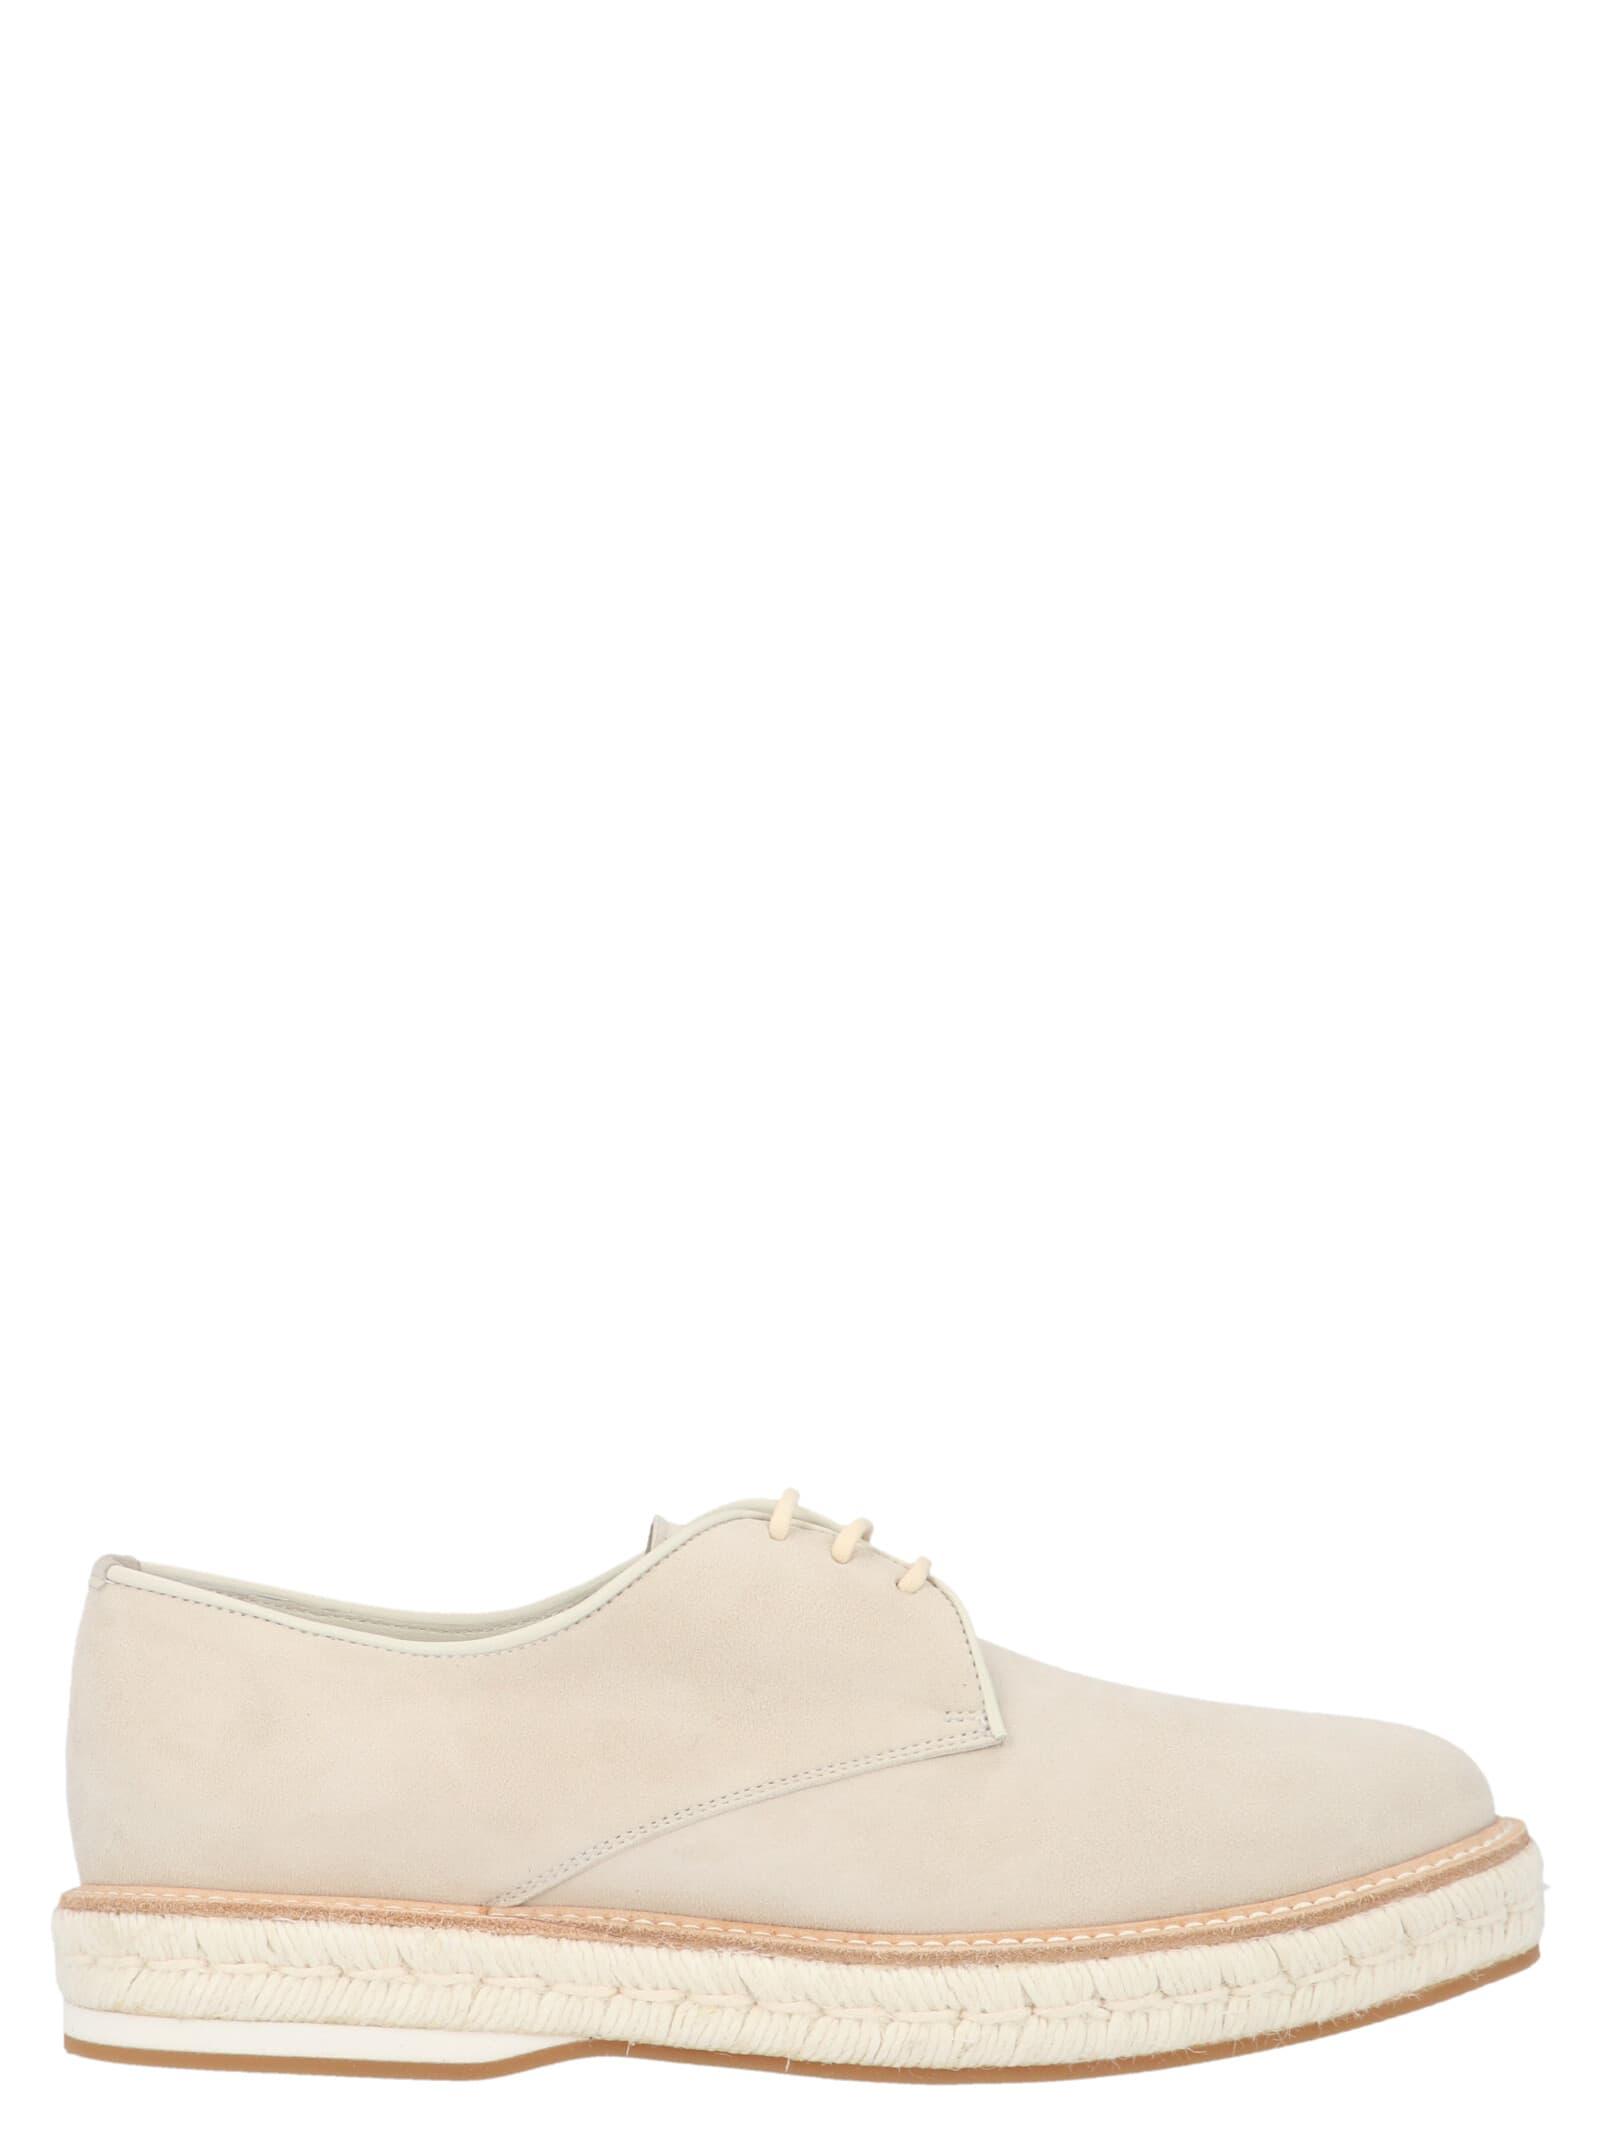 Churchs derby Shoes